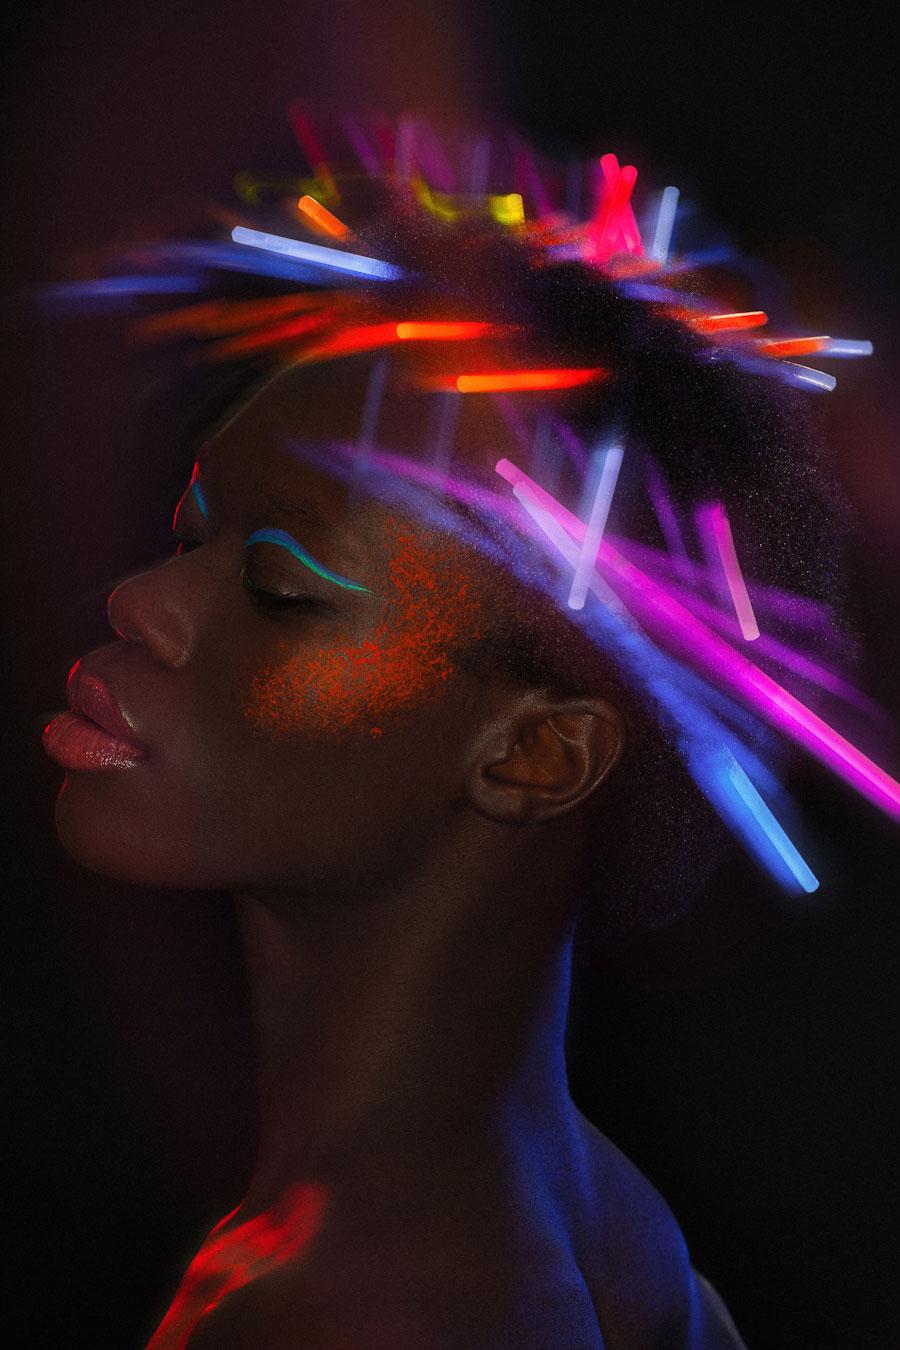 The-Glow-Odyssey-by-Arkadiusz-Jankowski